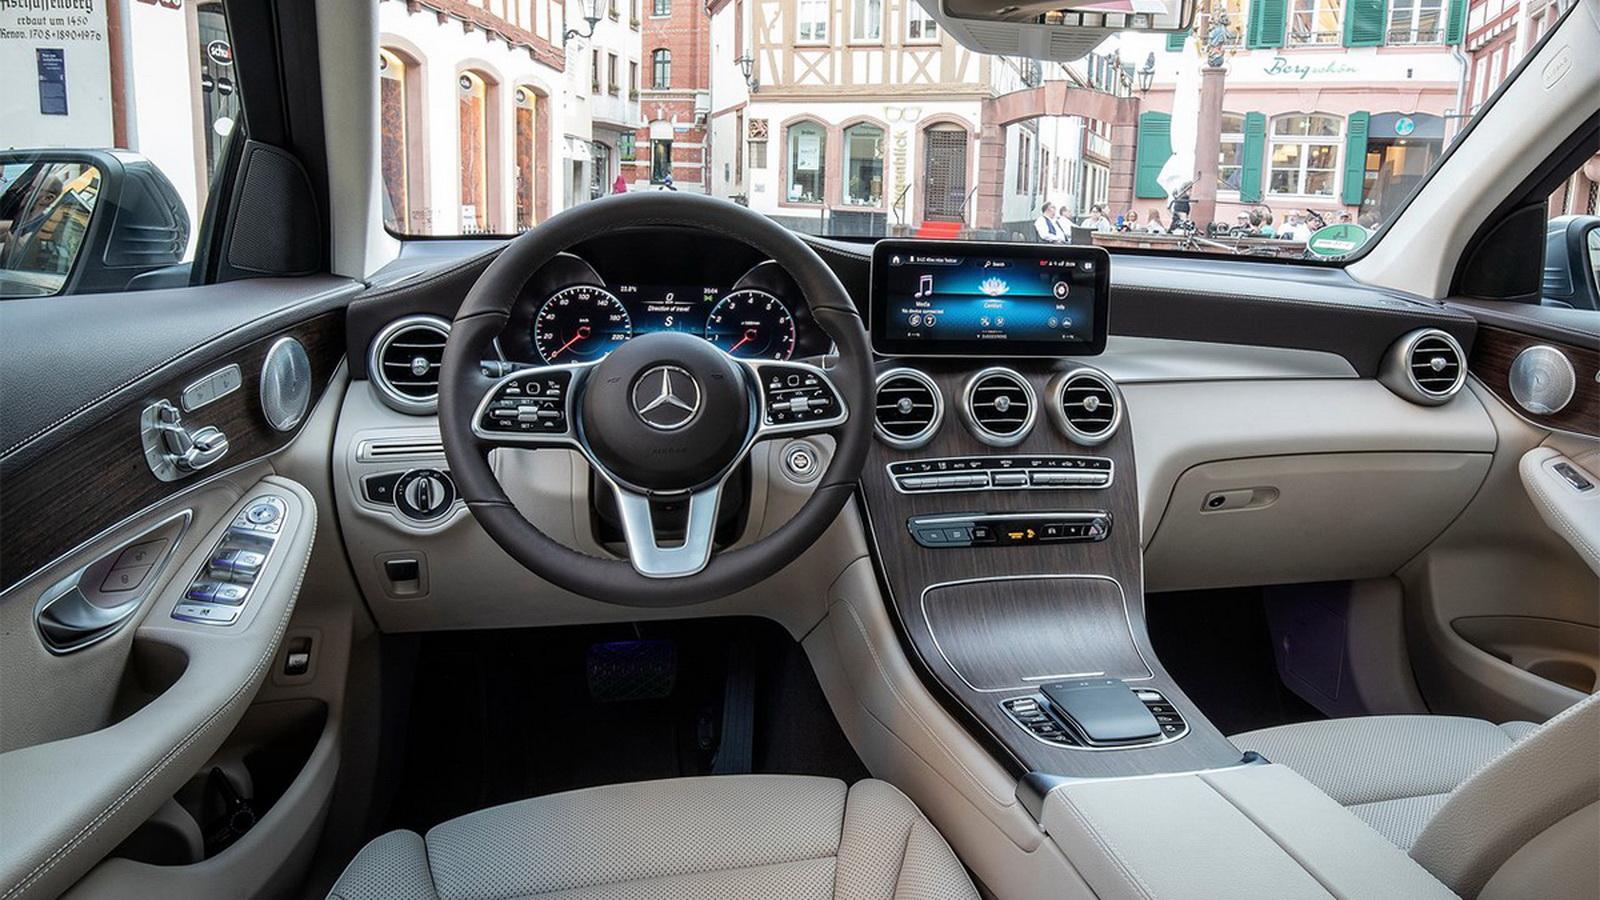 圖/2020 M-Benz GLC 200標配10.25吋觸控數位螢幕,搭載MBUX多媒體系統,帶給駕駛奢華的視覺與觸覺體驗。